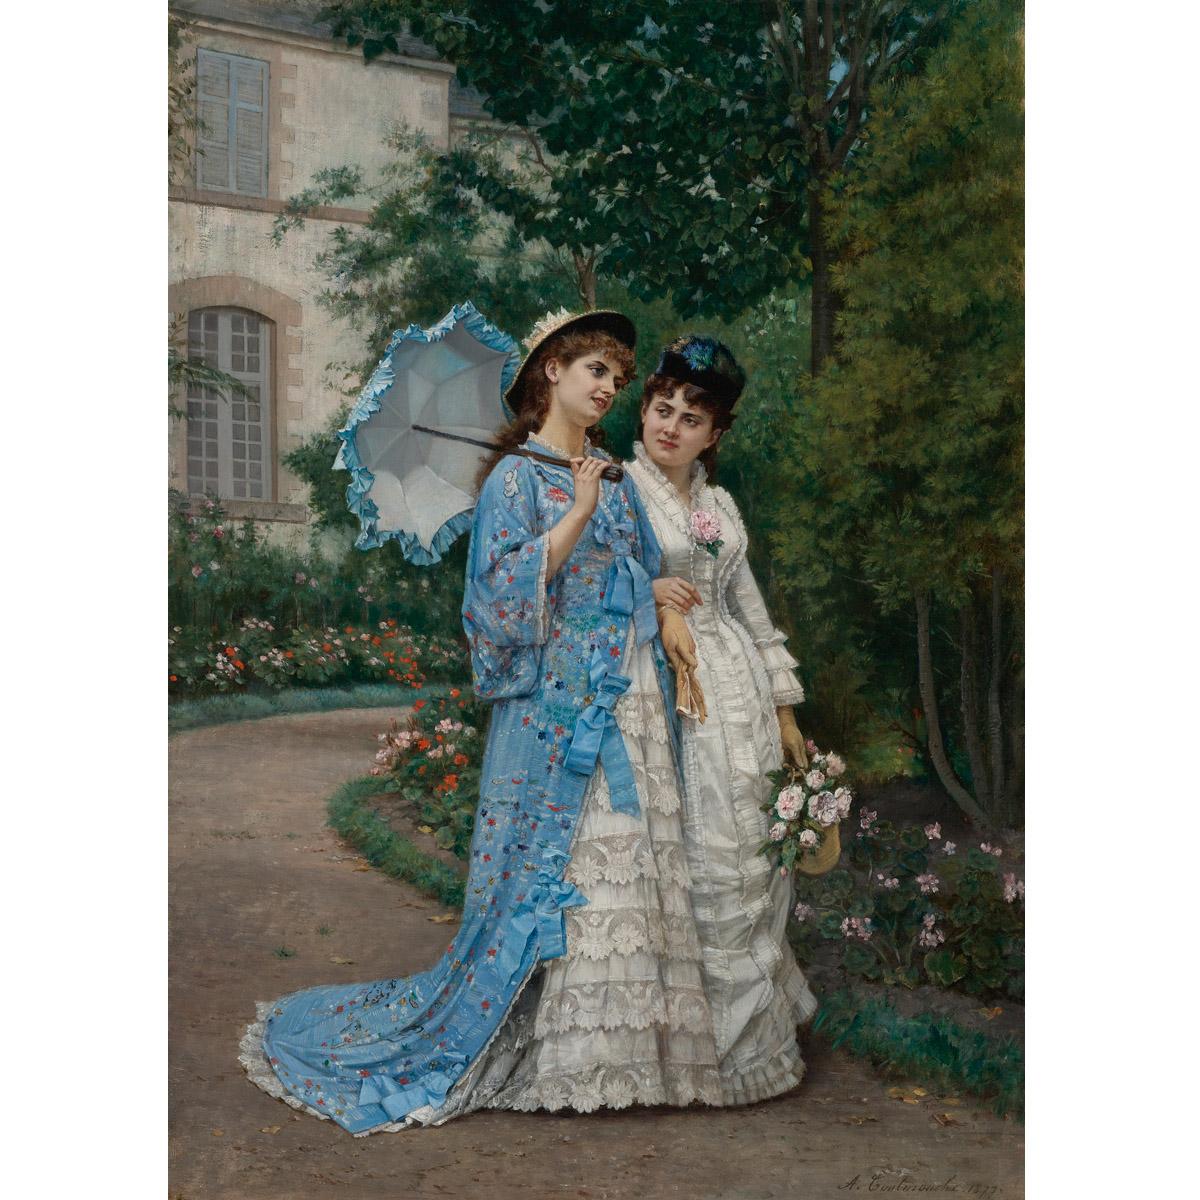 60-84图集世纪欧洲宫廷油画MH-B17-19#0289芯人物装饰画国外油画